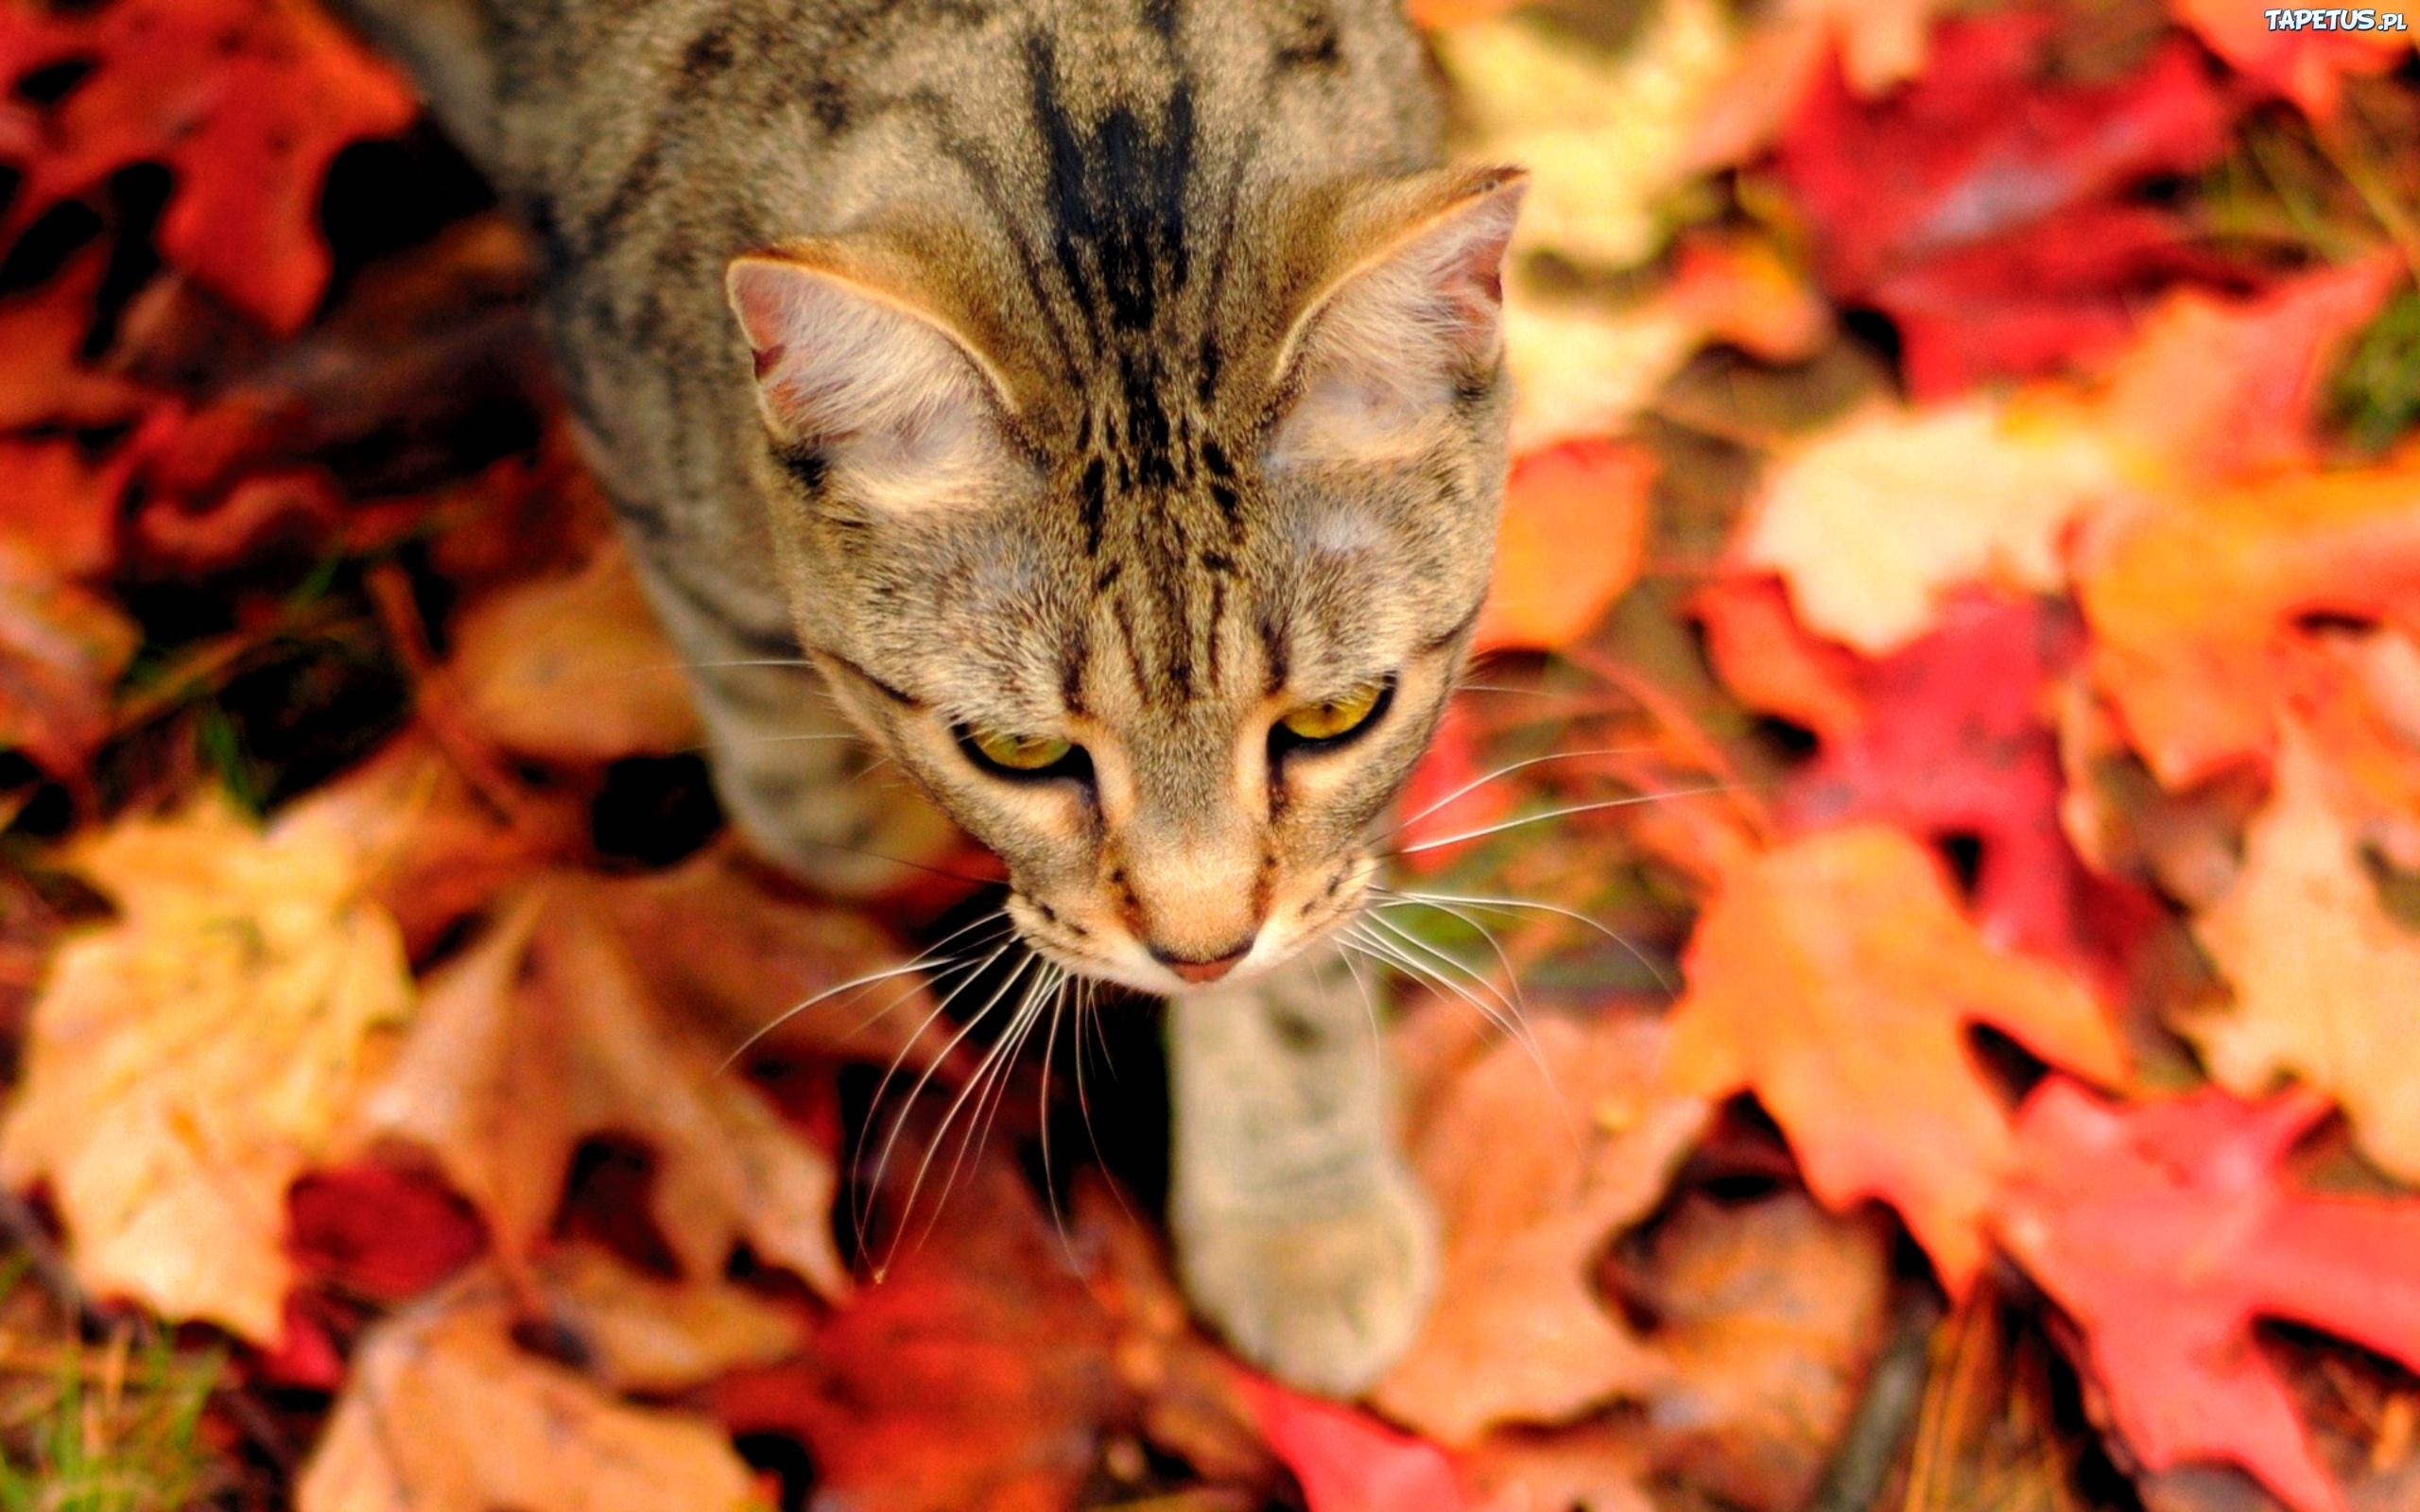 Обои на рабочий стол с кошками осенью